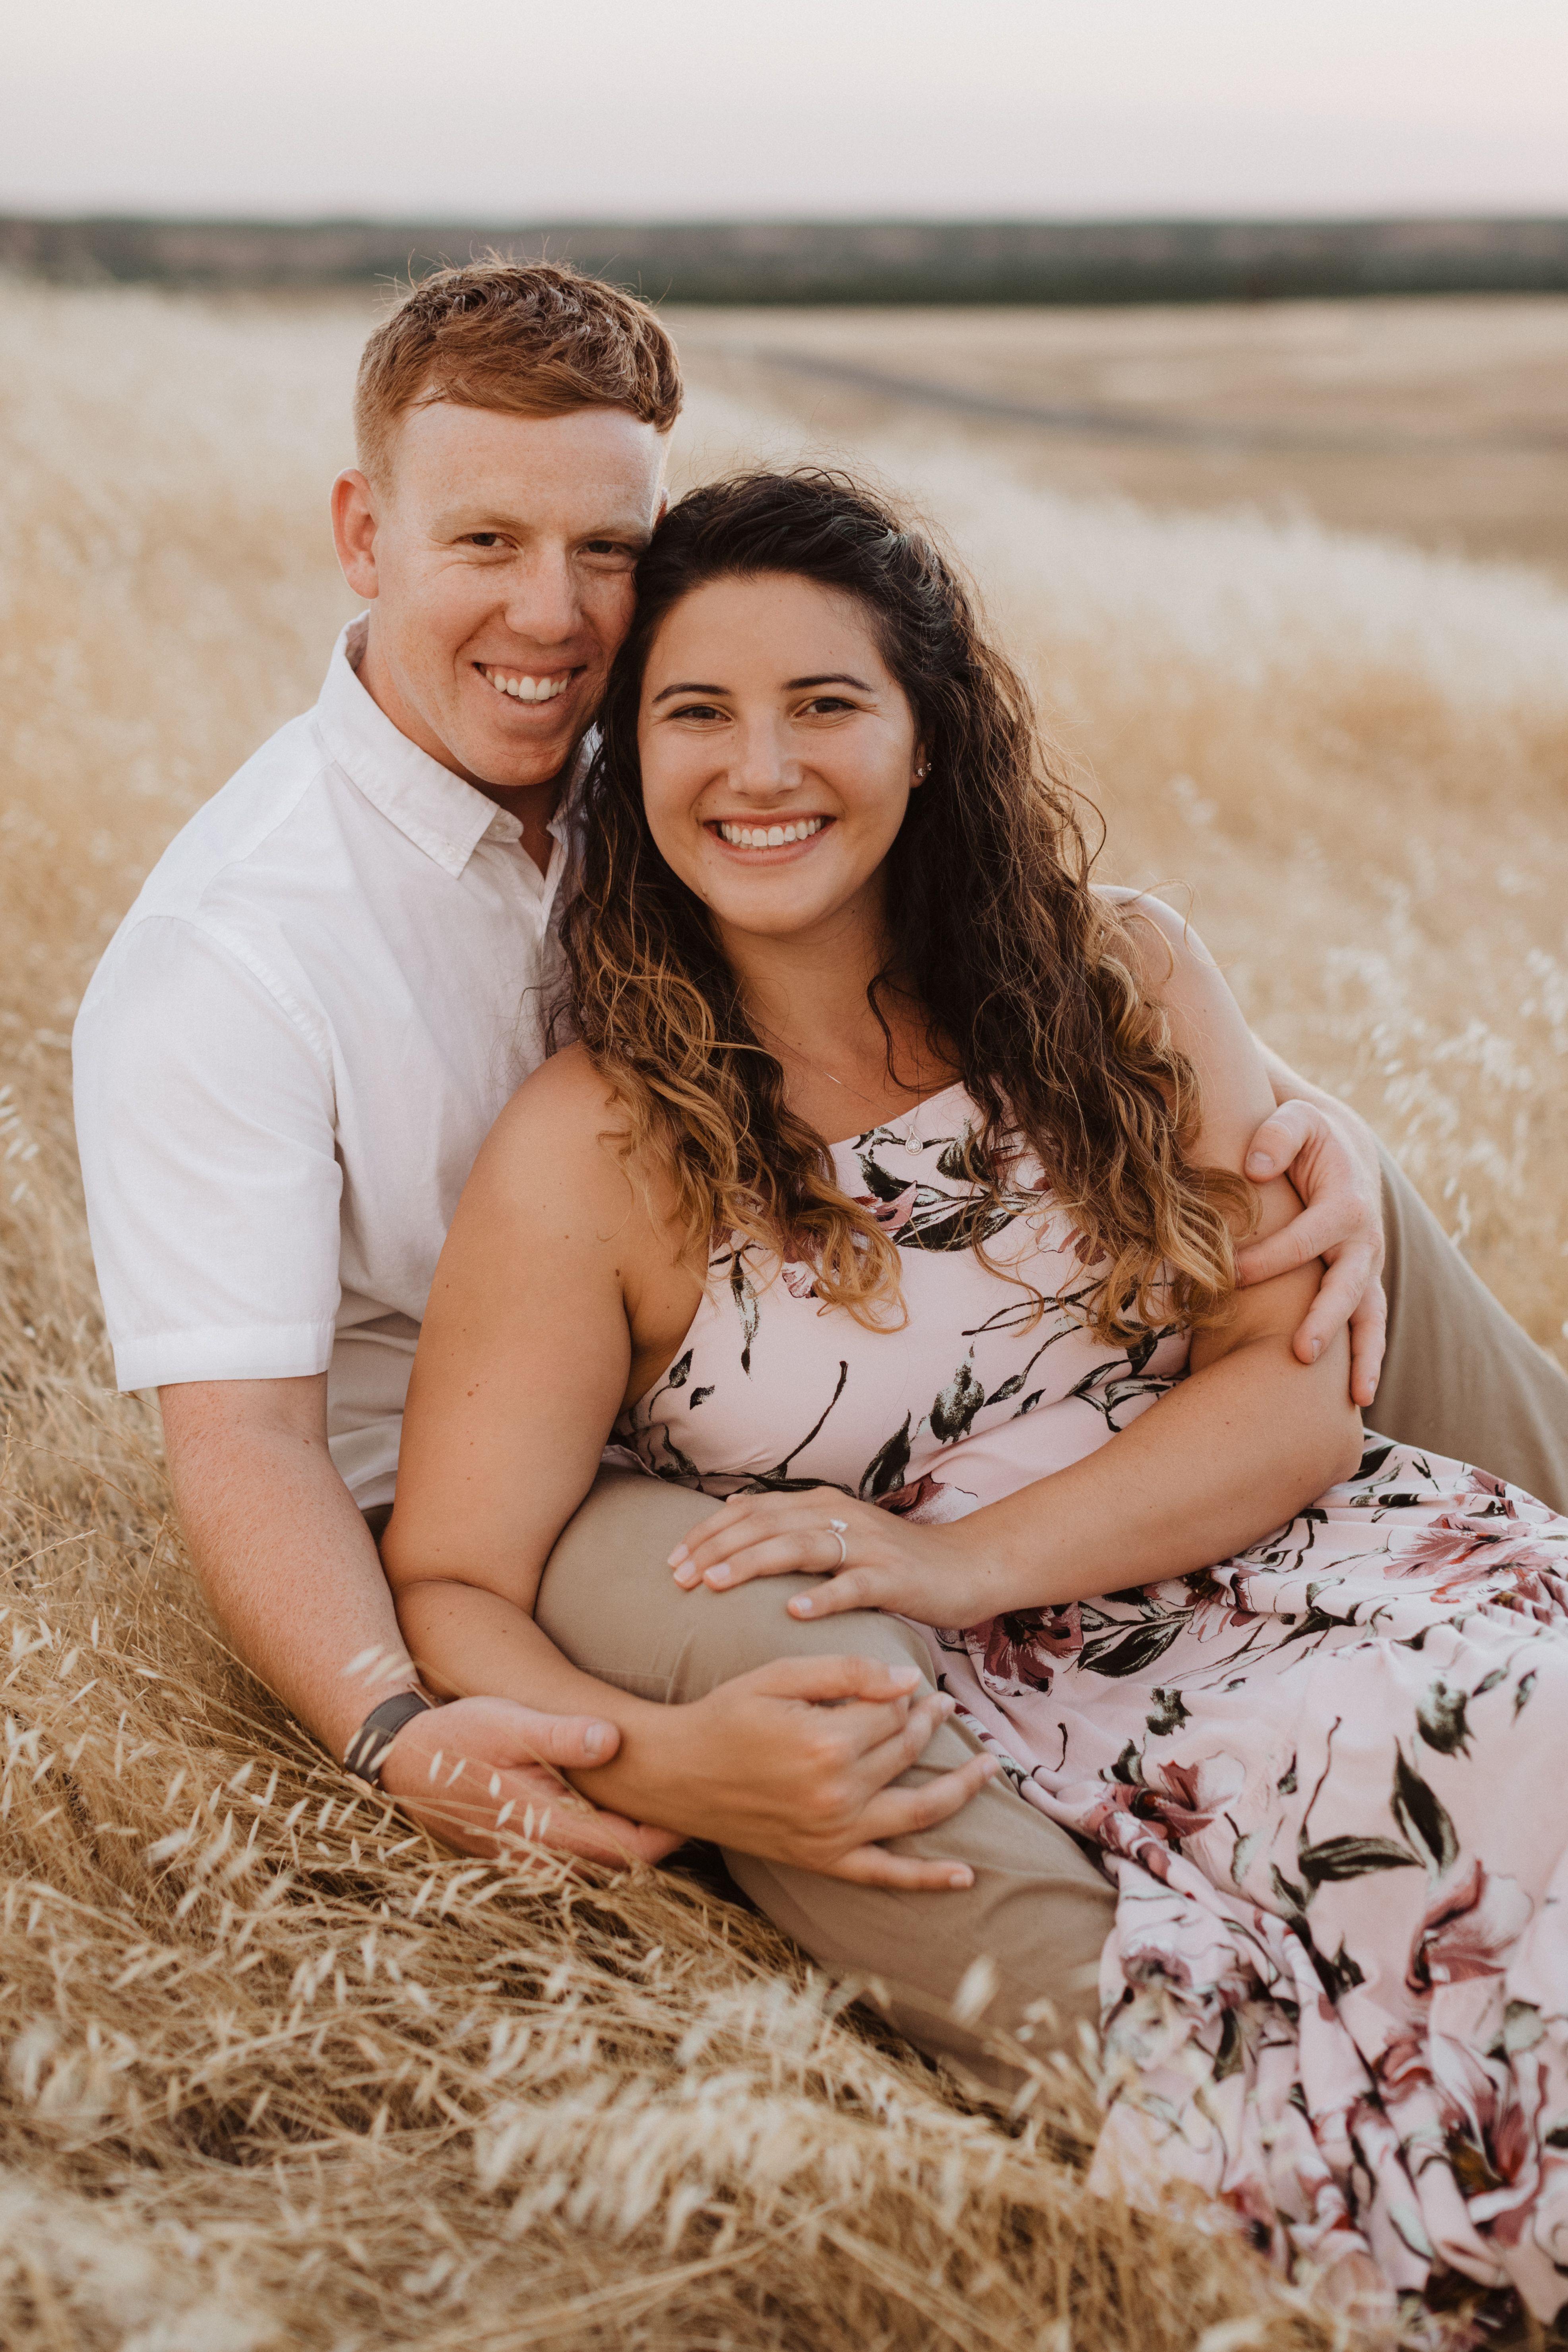 My fiancé and I